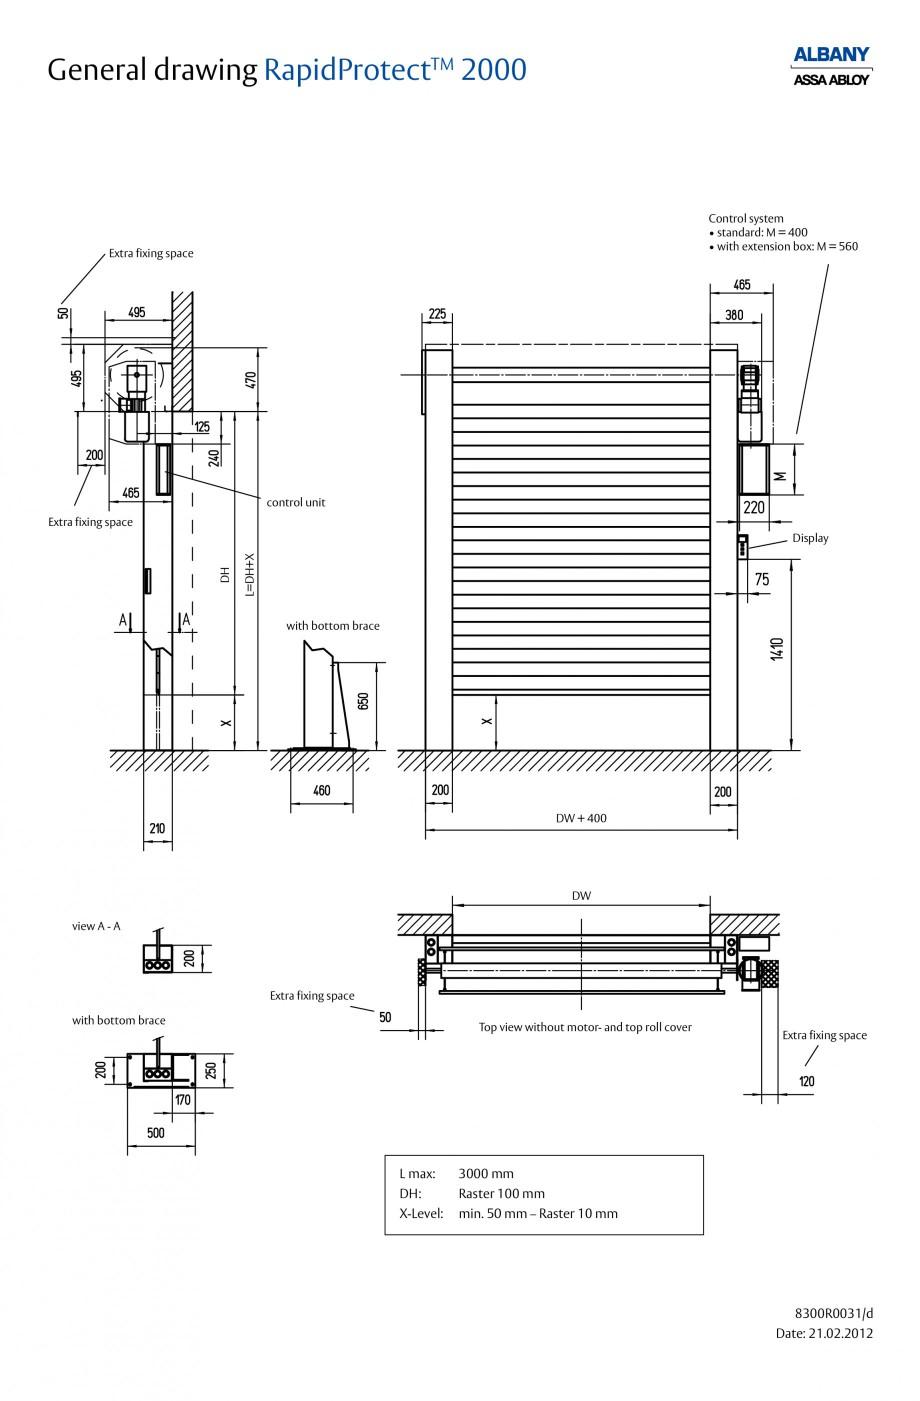 Pagina 5 - Usa industriala de inalta performanta ASSA ABLOY RapidProtectTM 2000 Fisa tehnica Engleza...